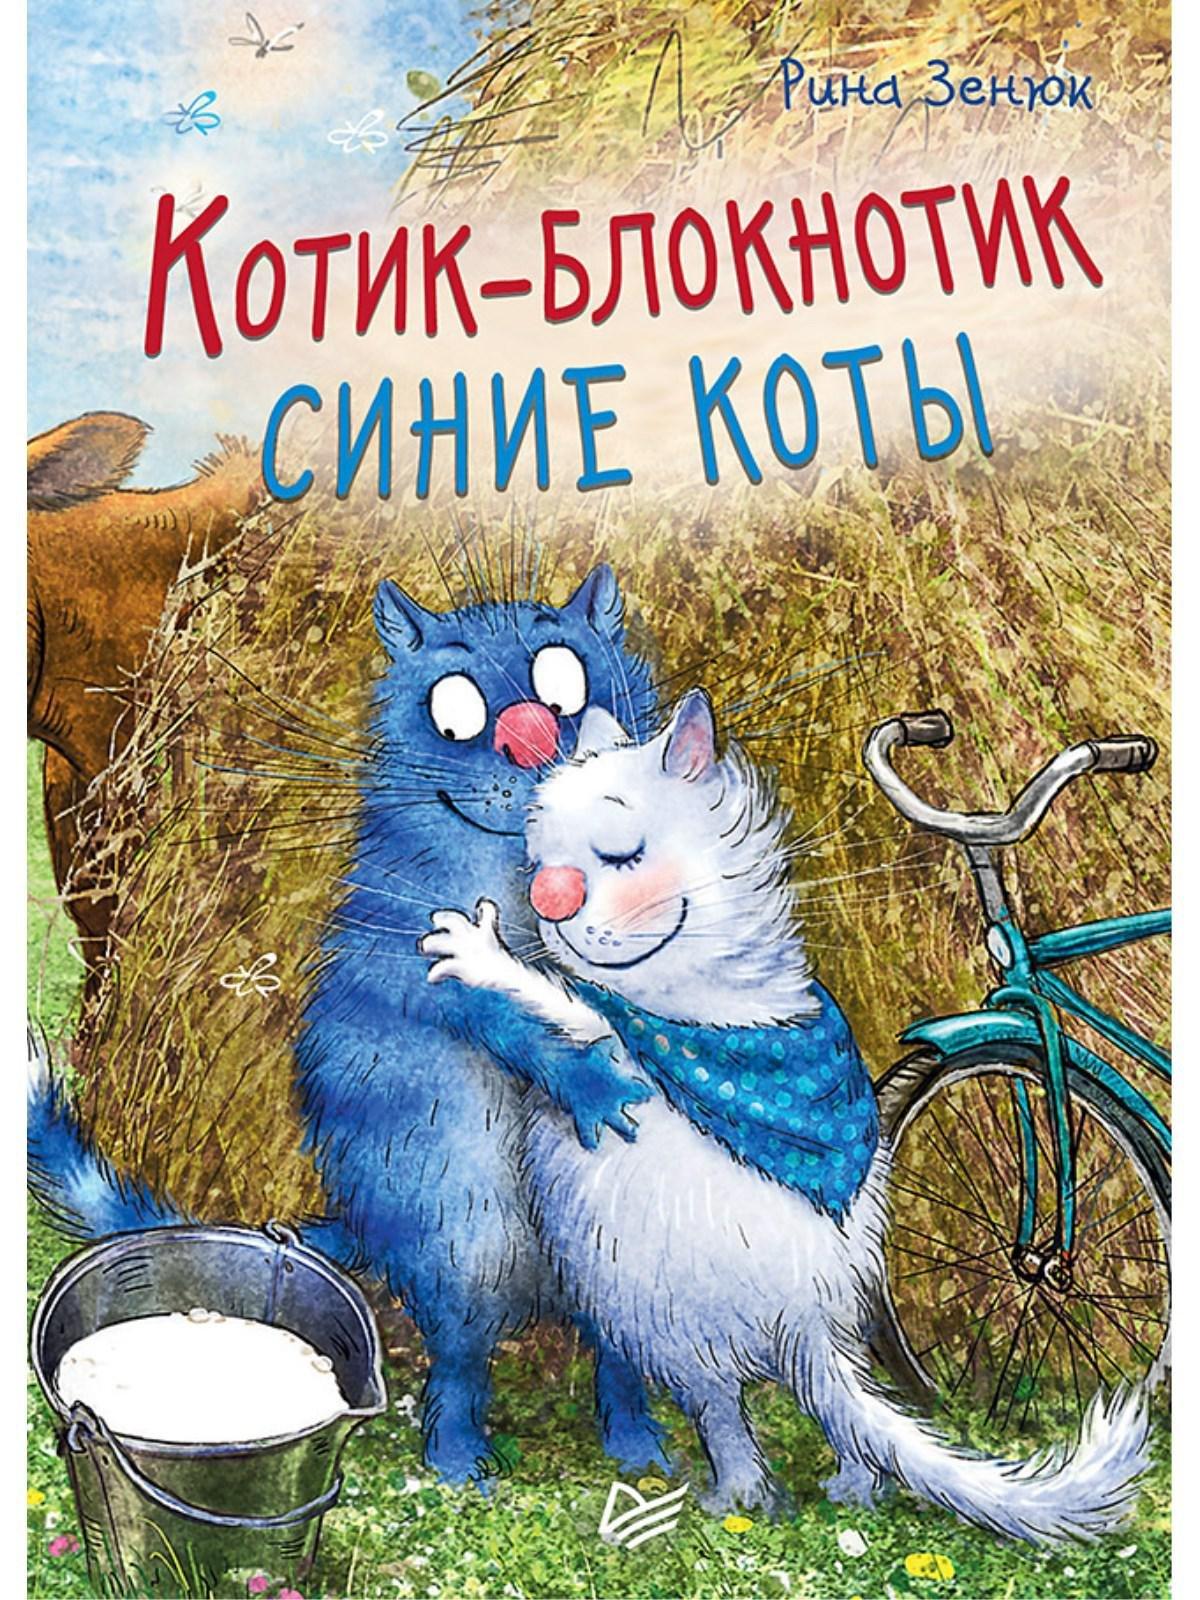 Фото - Зенюк Ирина Котик-блокнотик «Синие коты», 32 листа зенюк ирина мини планер котопамятки синие коты